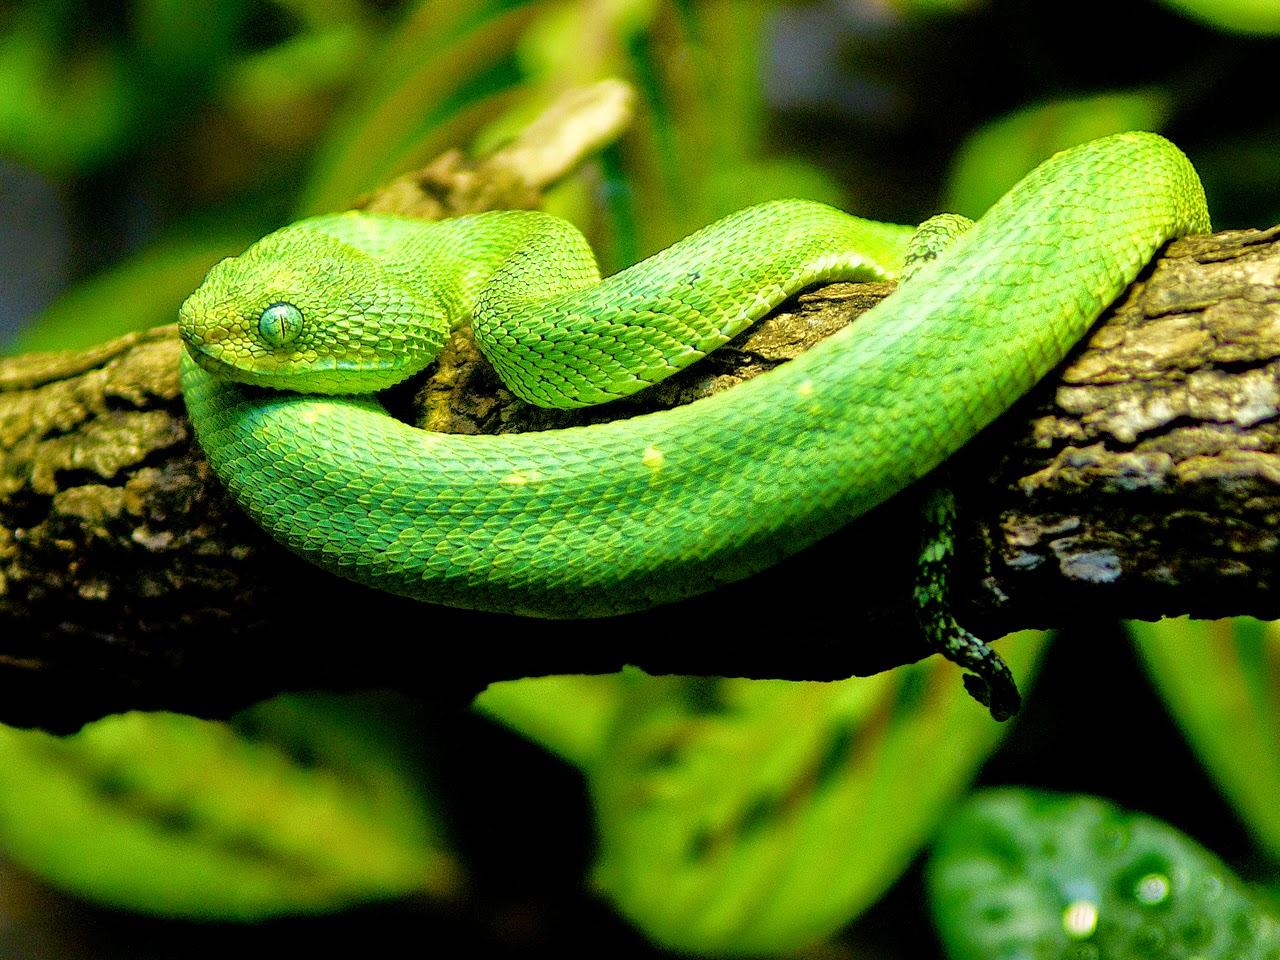 ΦΙΔΙ bush viper photos wallpapers the fun bank